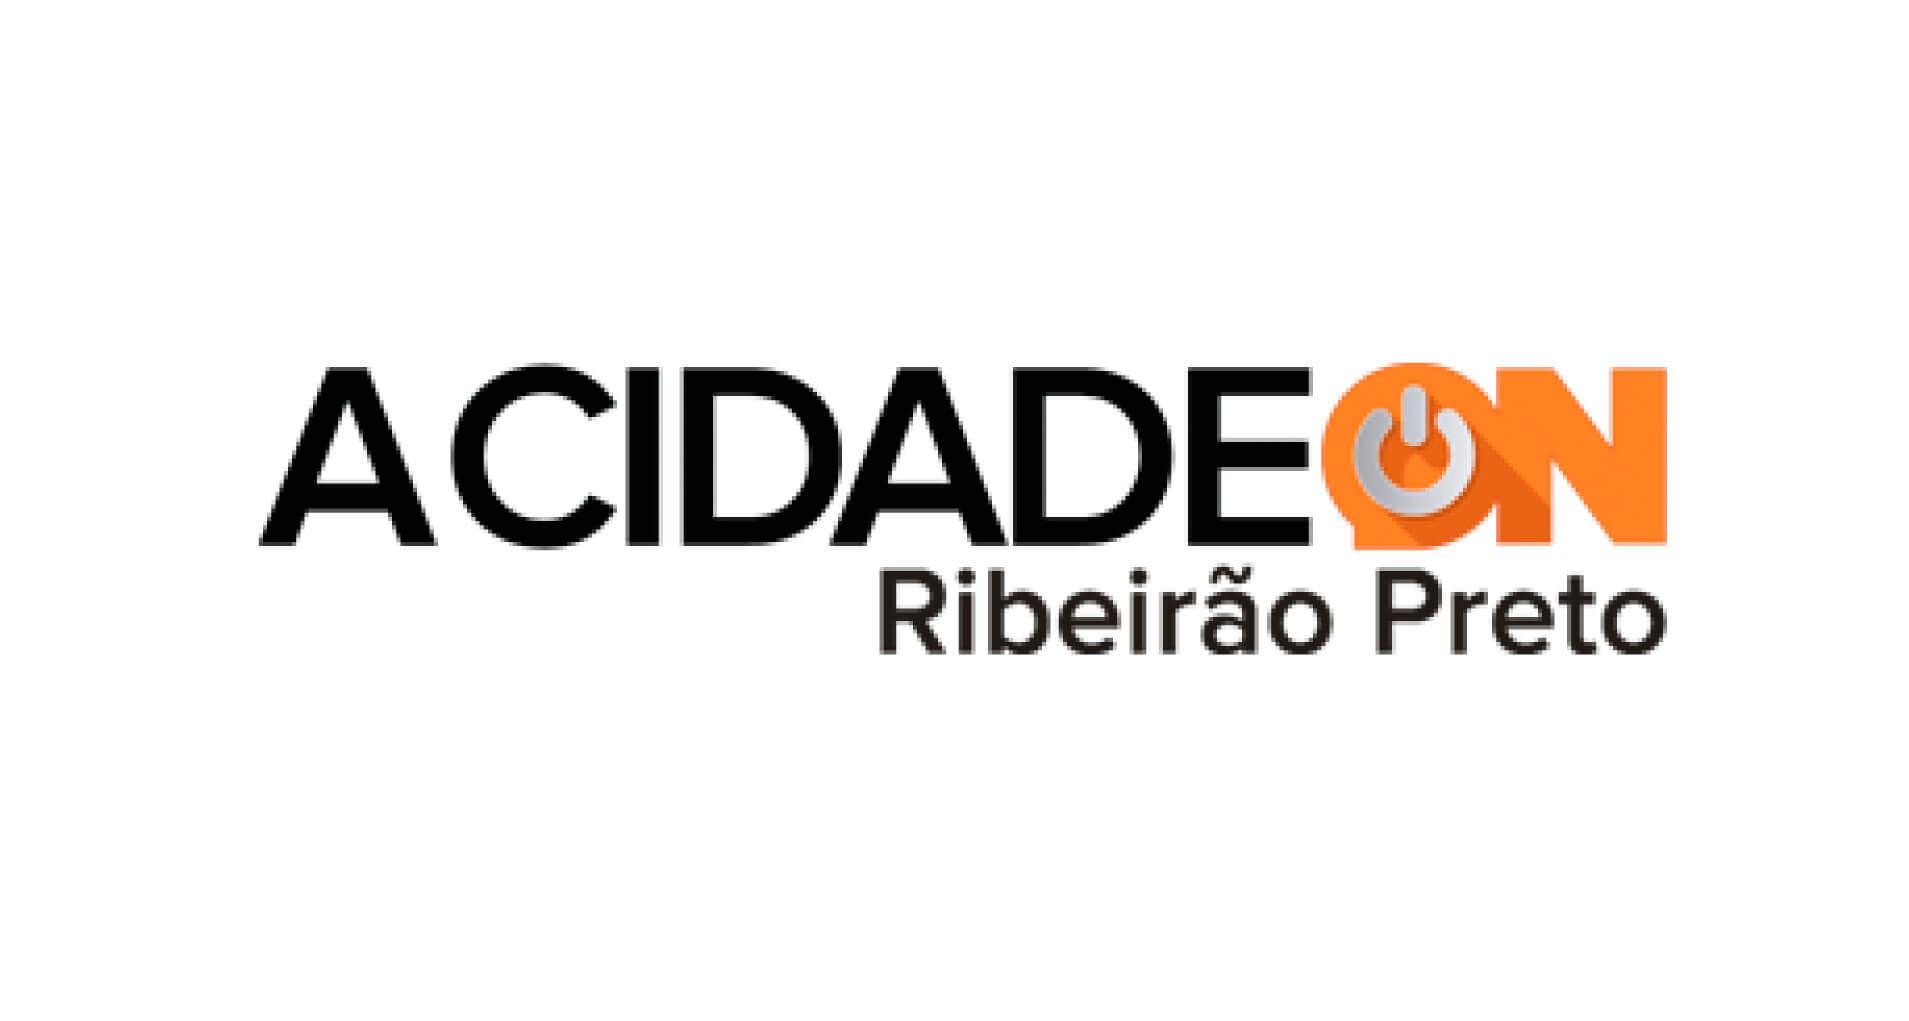 Gastos com medicamentos e tratamentos via judicial batem recorde em Ribeirão